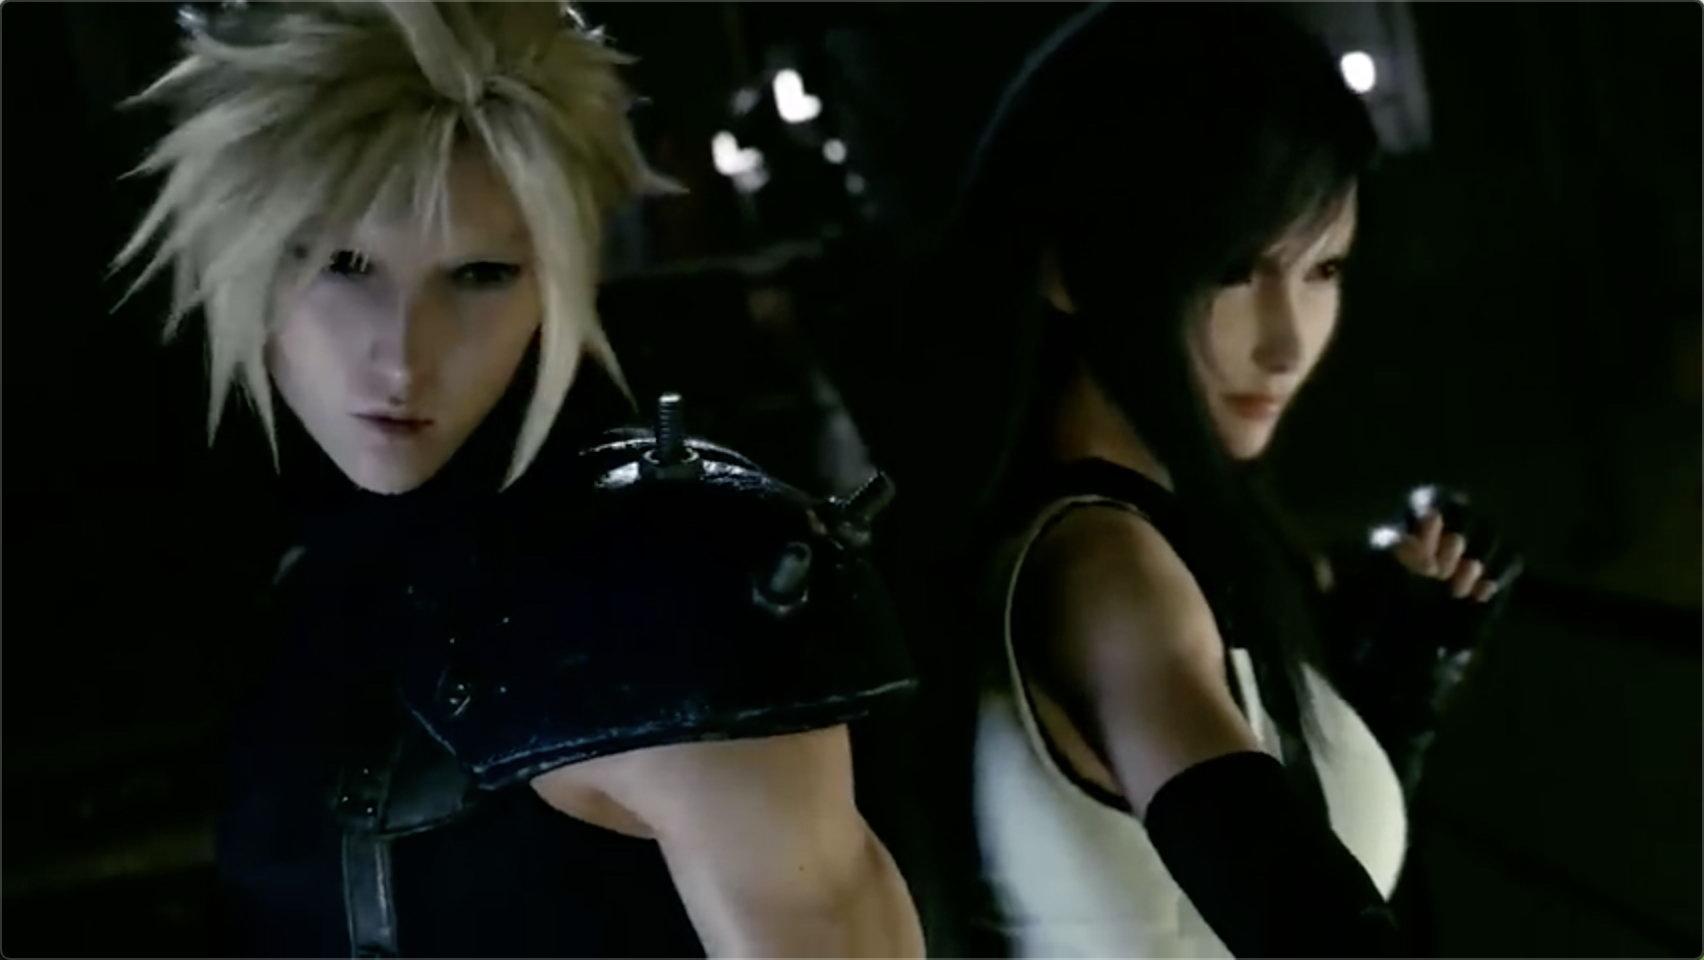 《最终幻想7:重制版》爱丽丝和蒂法角色预告 女神登场